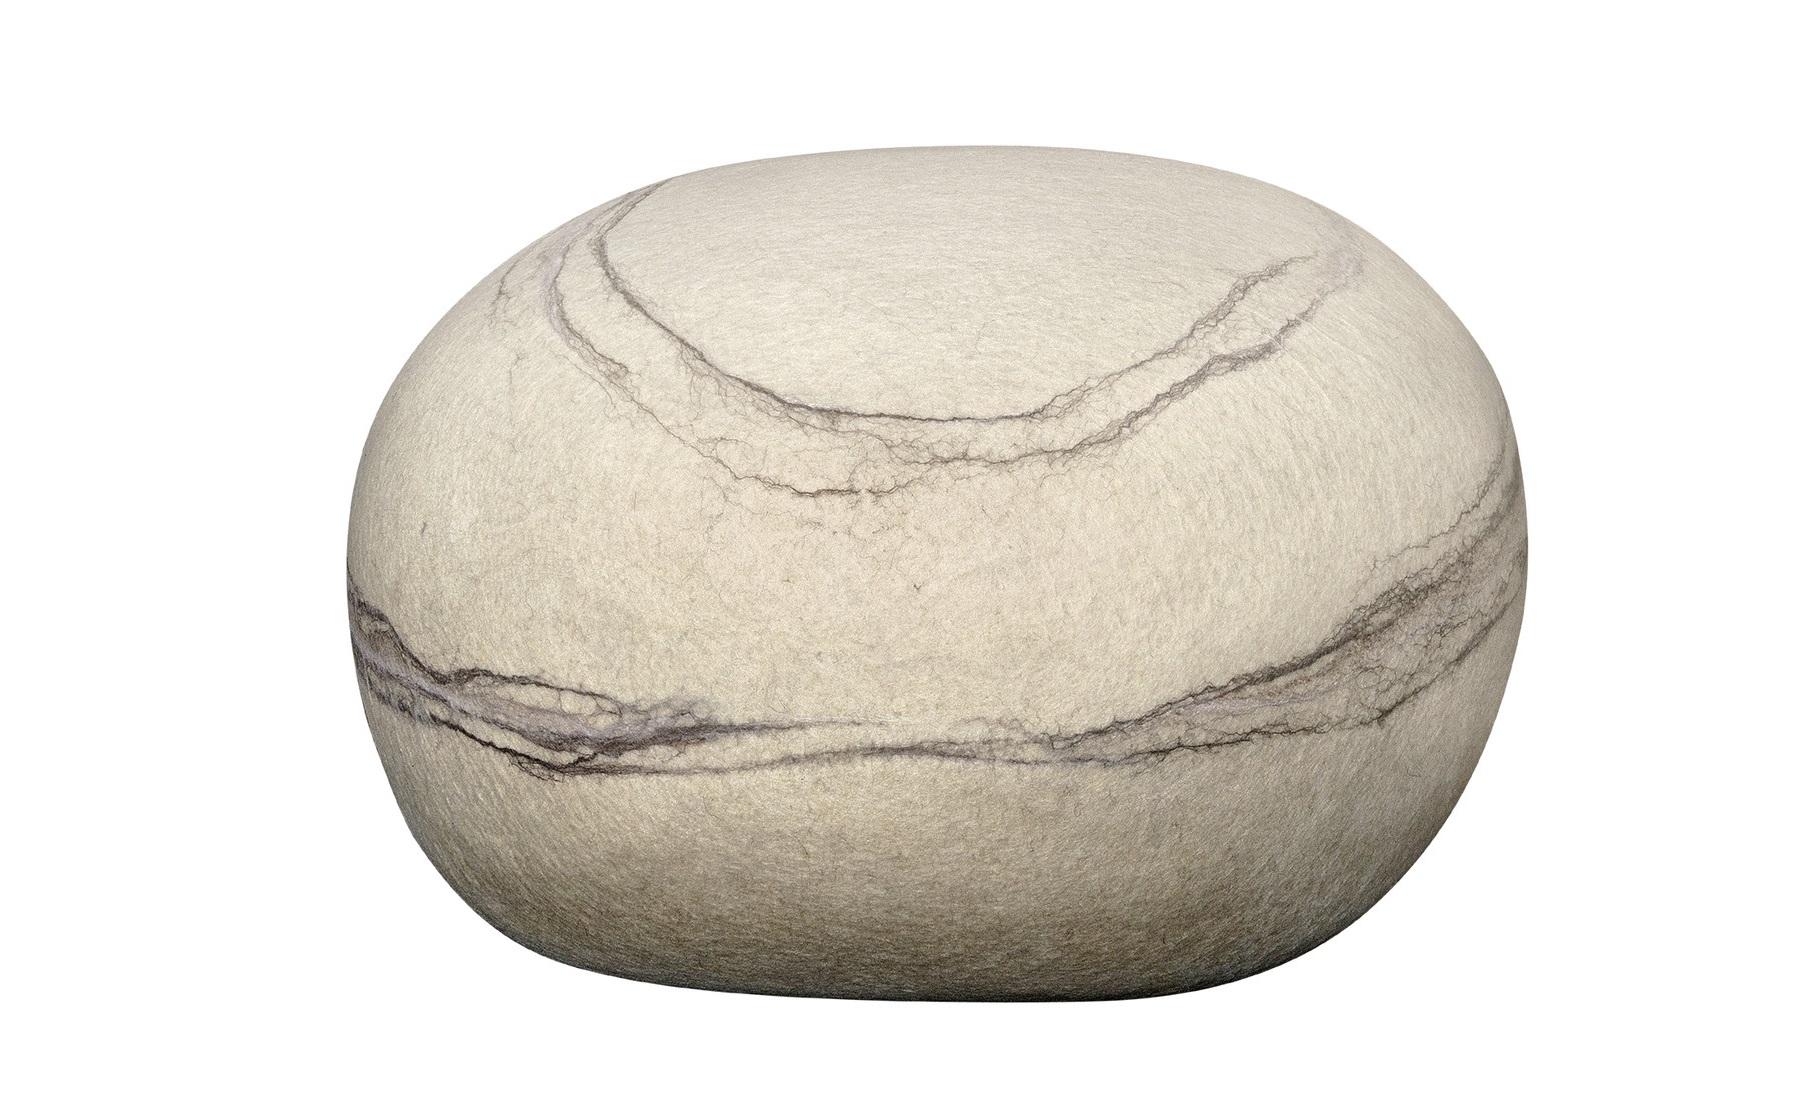 ПуфБесформенные пуфы<br>Пуф-камень, изготовлен в ручную. <br>Внешний материал100% шерсть мериноса.<br>Каждый камень оригинален и неповторим, точно так же как нет двух одинаковых камней в природе.  <br>Пуф-камень прекрасно дополнит атмосферу вашего дома, вне зависимости в каком стиле выполнено пространство.<br>Пуф-камень очень нравится детям, в детской комнате он станет любимым предметом интерьера.<br>Пуф-камень не только интерьерное изделие, он функционален и долговечен при использовании по назначению.<br><br>Material: Шерсть<br>Length см: None<br>Width см: 63<br>Depth см: 54<br>Height см: 39